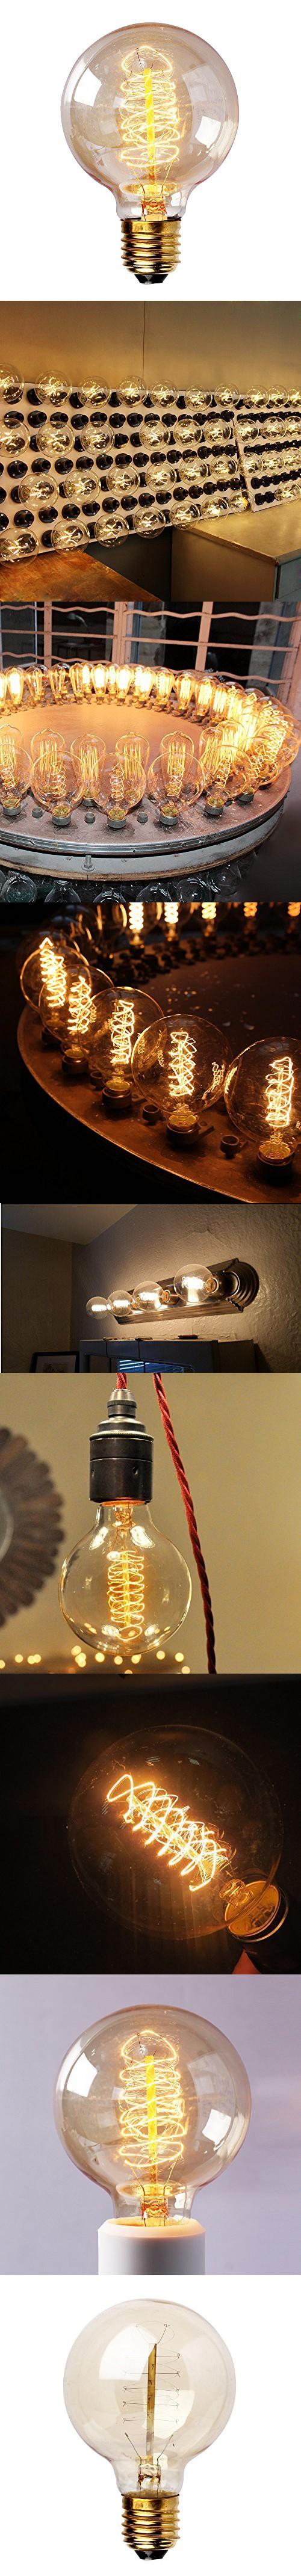 Parrot Uncle Vintage Edison Light Bulb 40w 110v Antique E26 Base